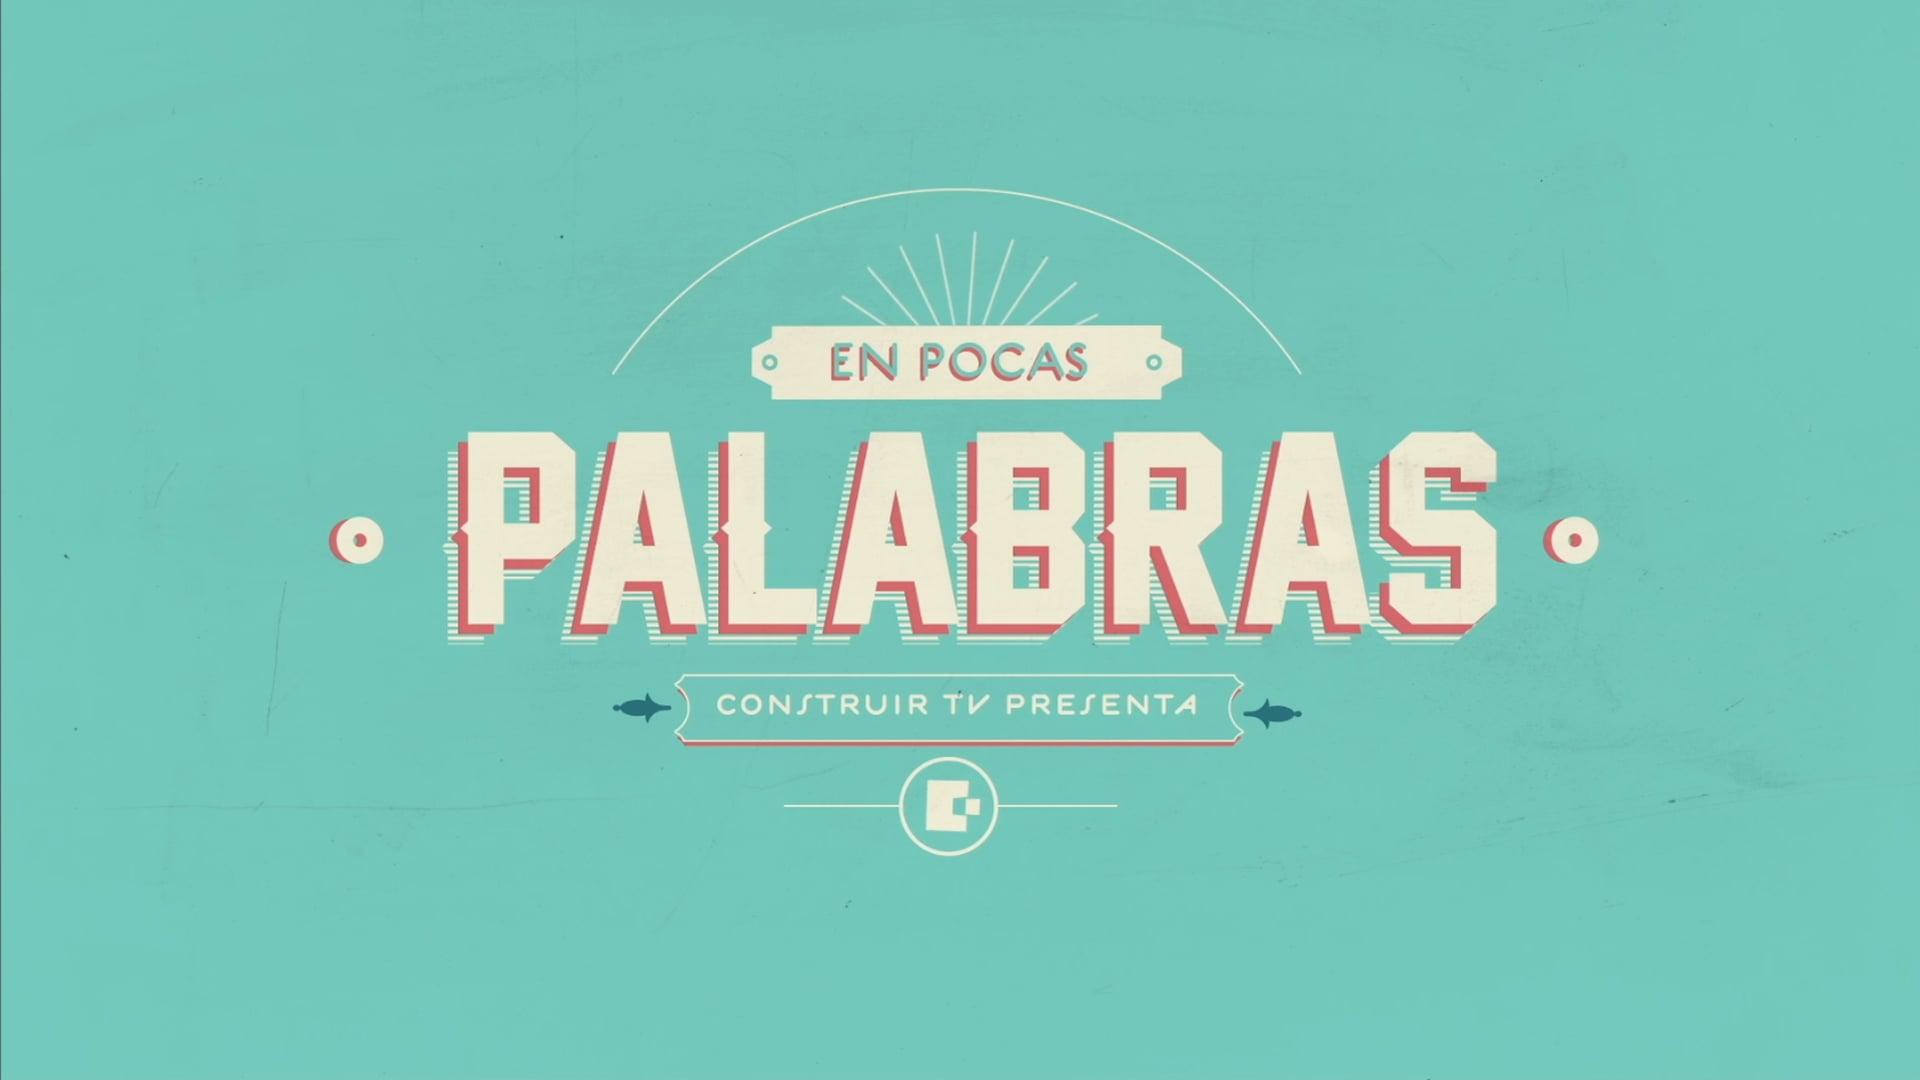 EN POCAS PALABRAS